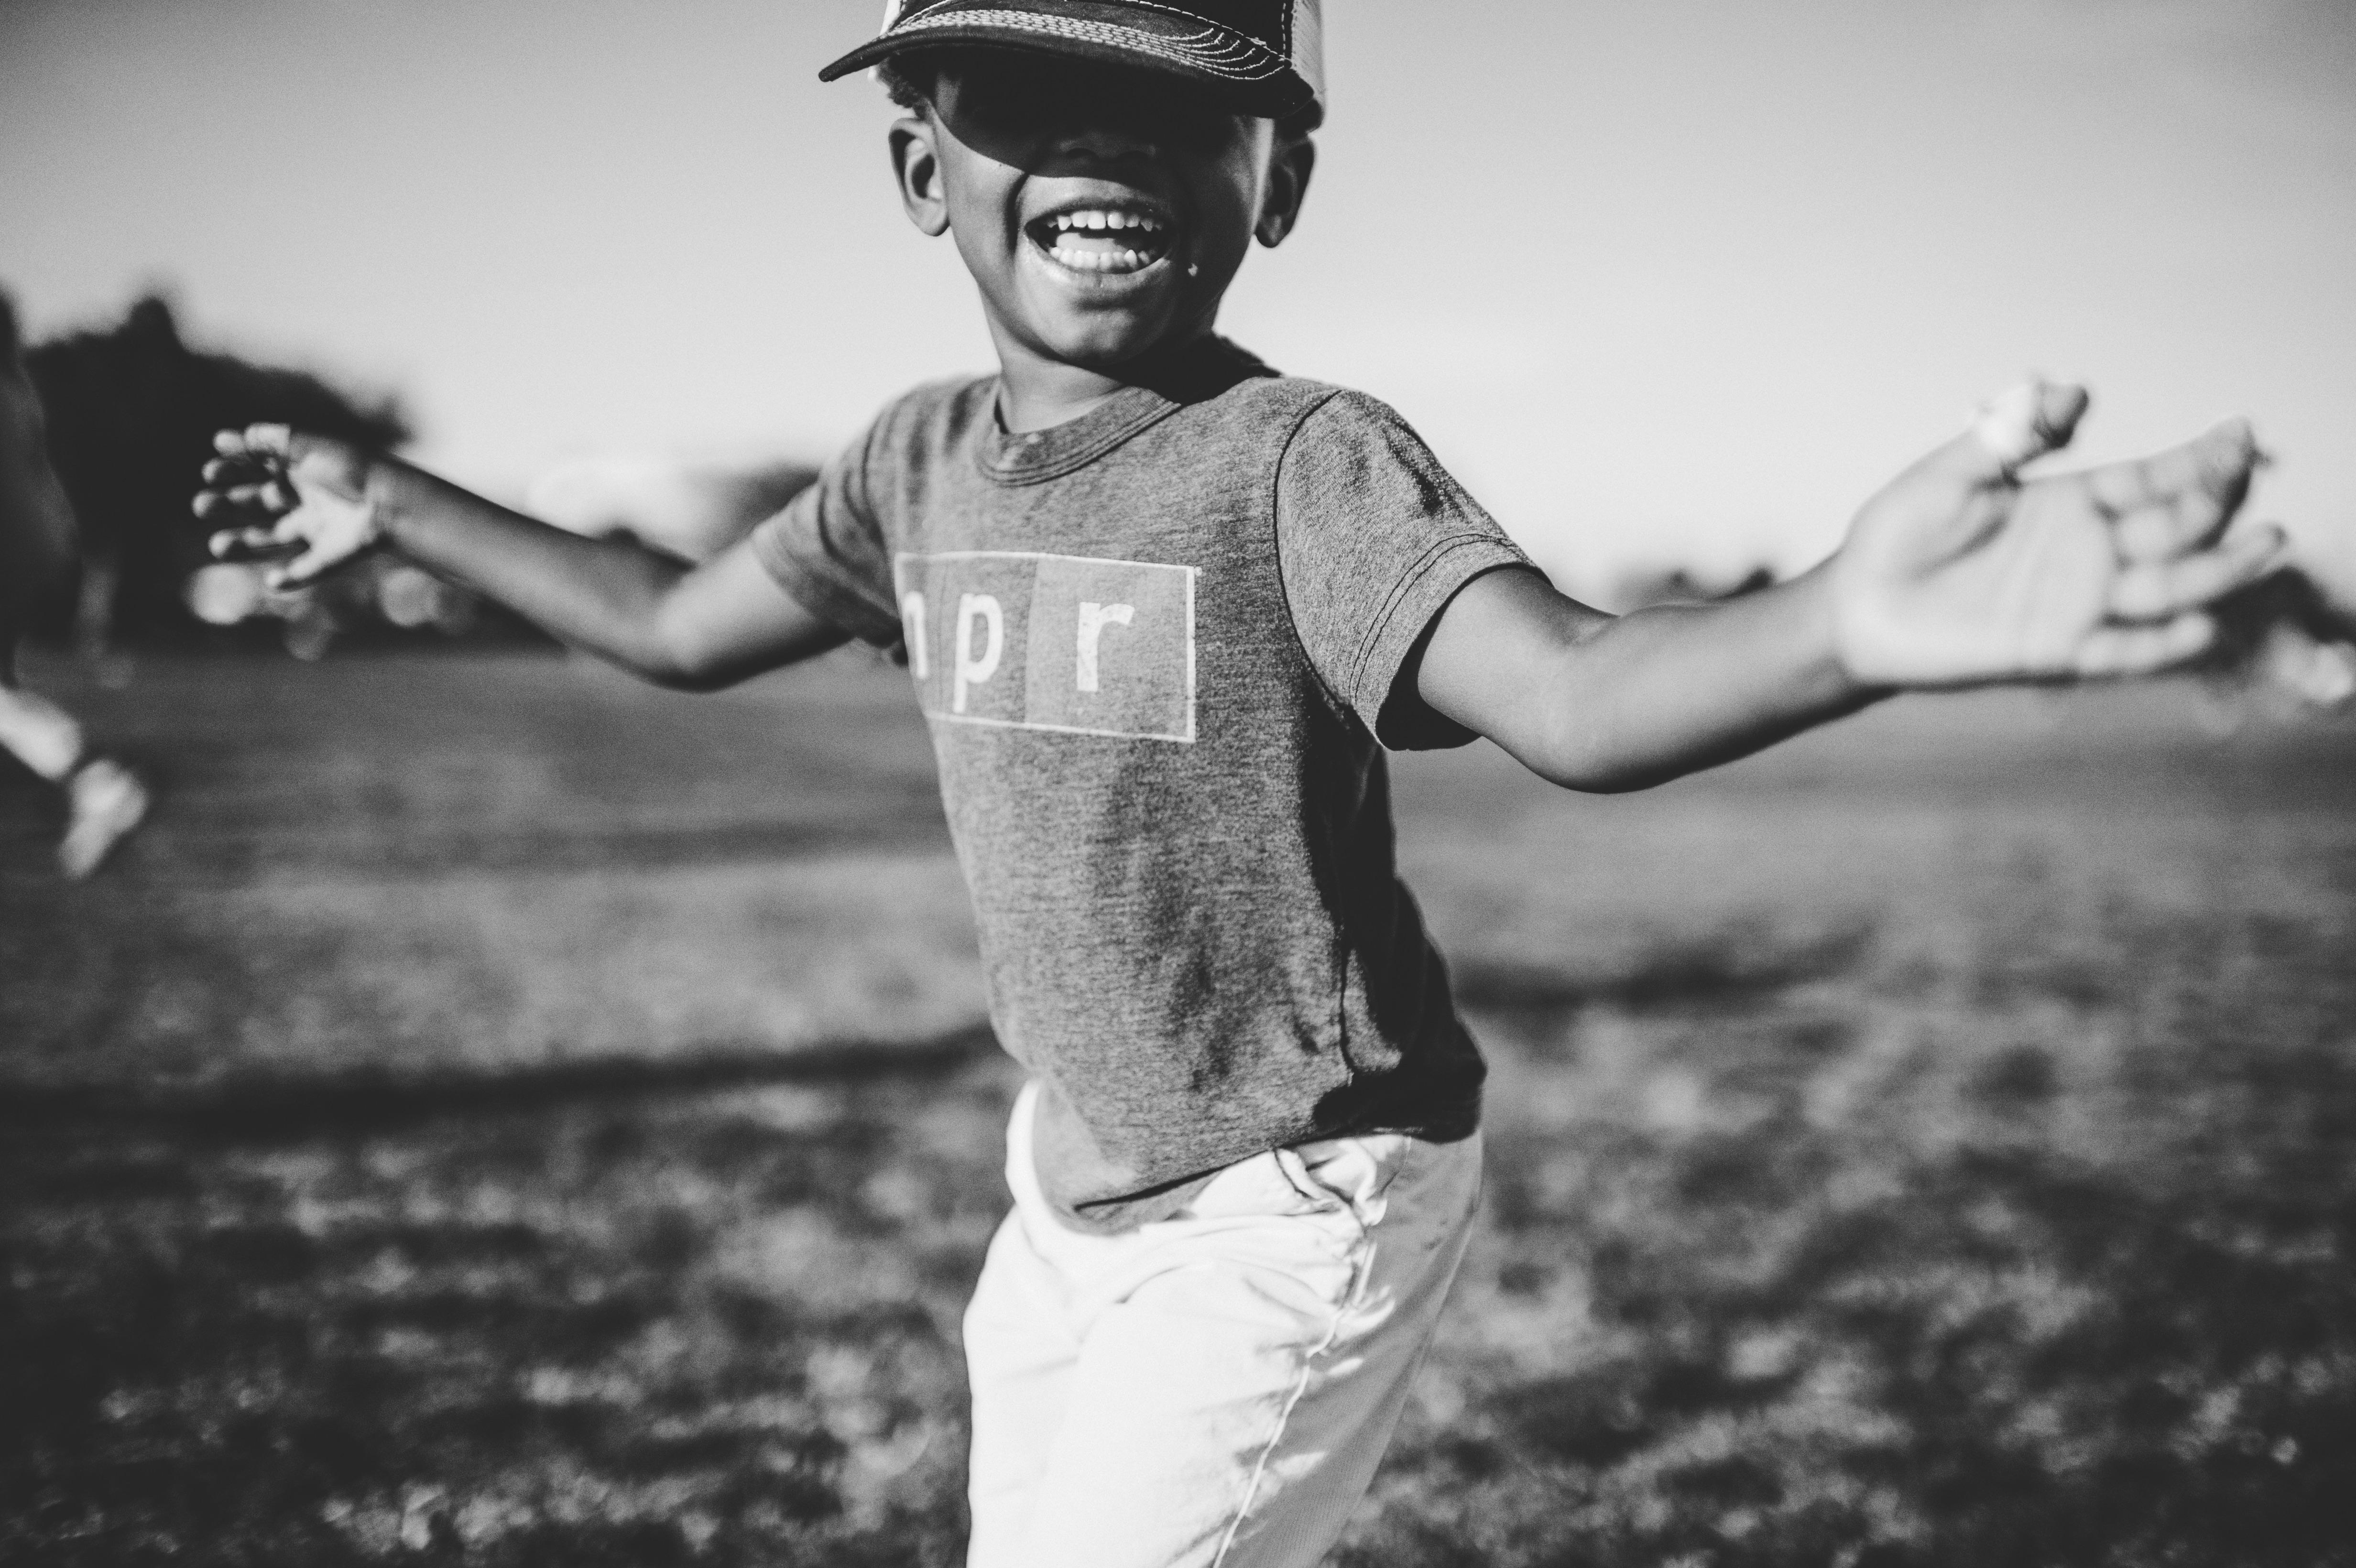 Garoto com um lindo sorriso - Hábito de sucesso